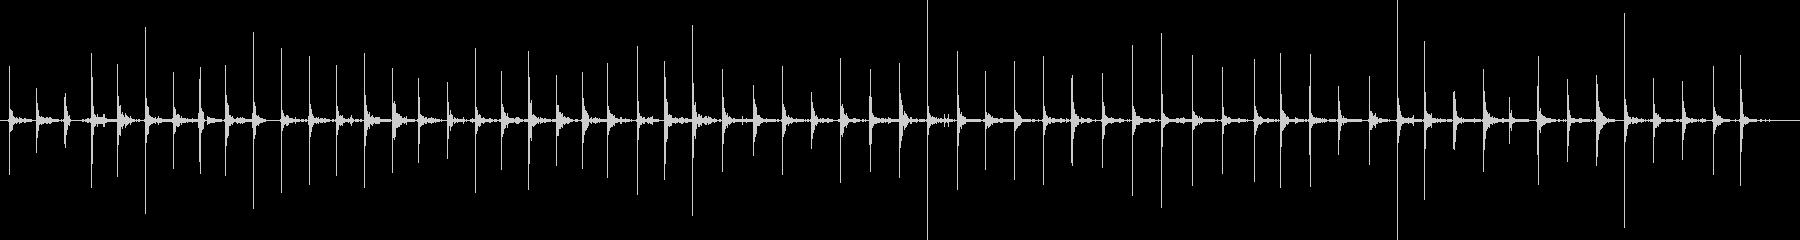 バイノーラル足音歩1スニーカー女性足もとの未再生の波形